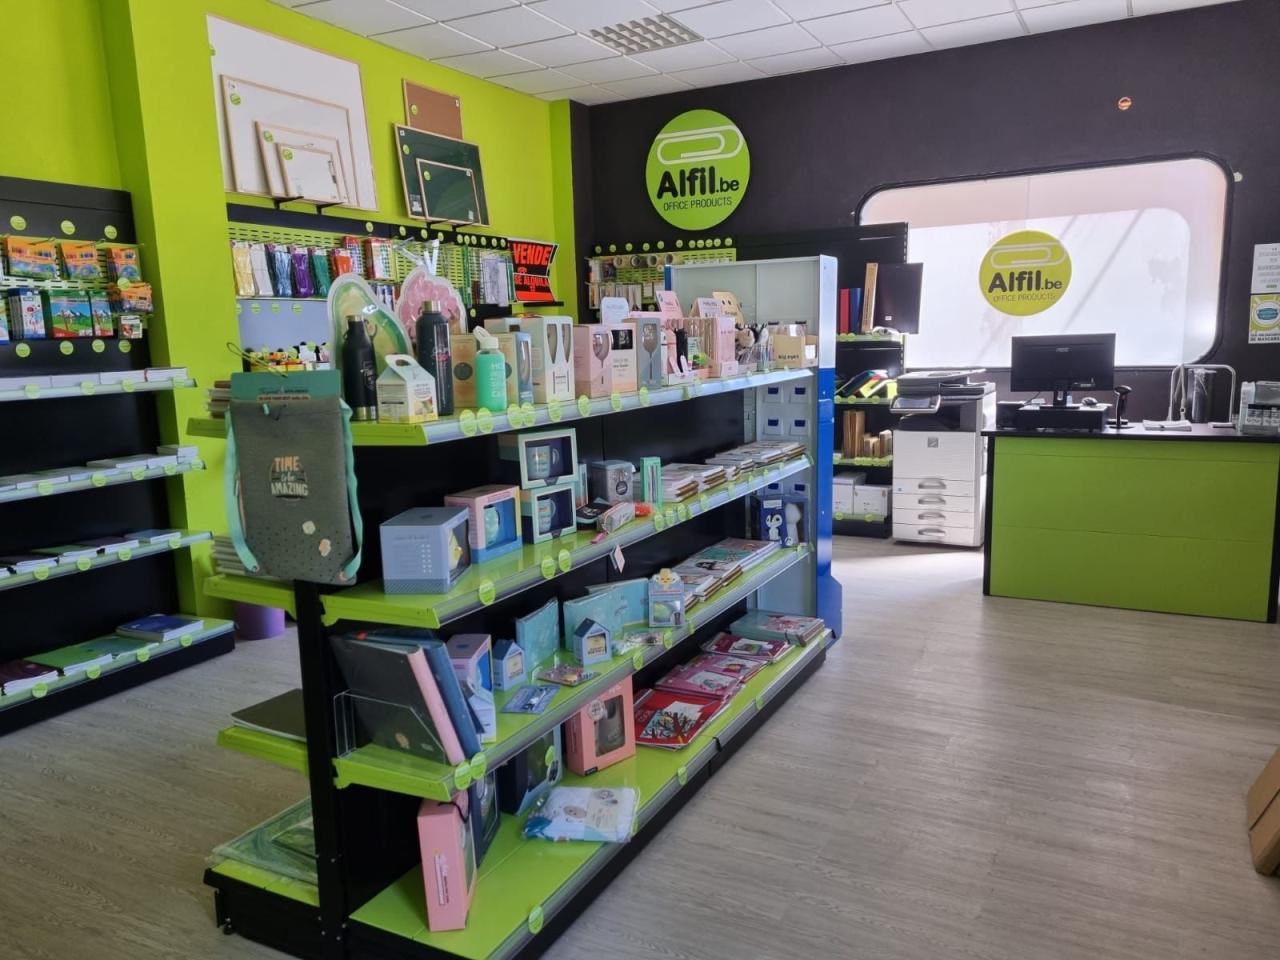 Inauguración nueva tienda Alfil.be Mérida papelería & hobby